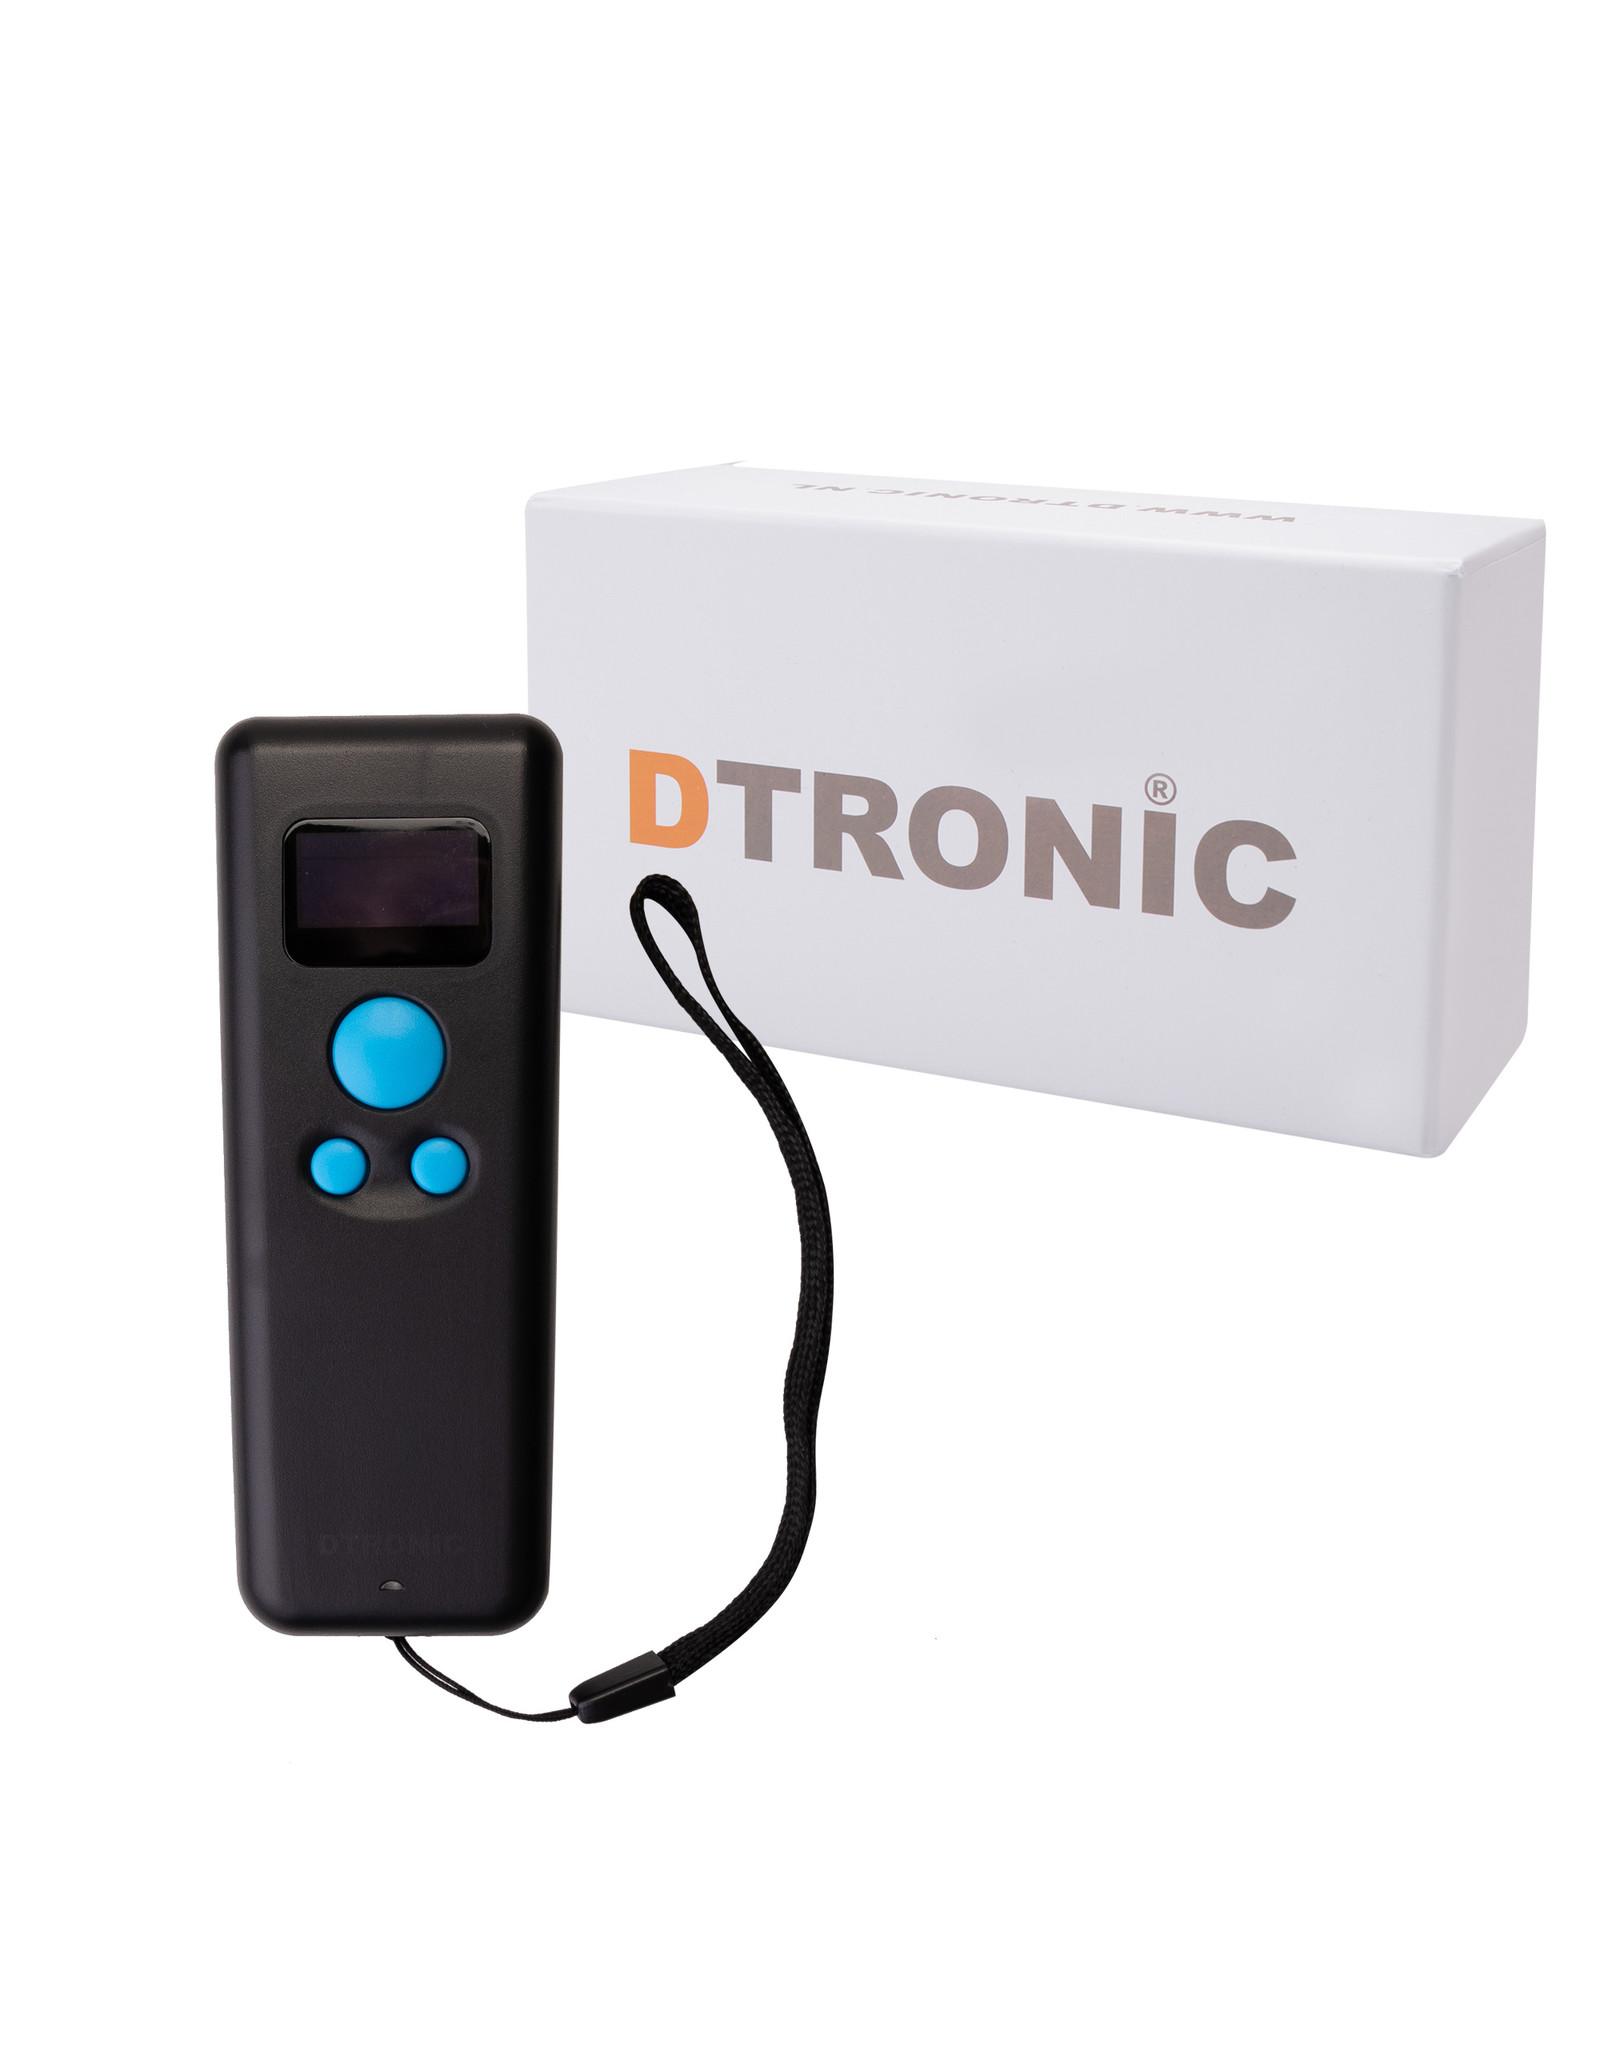 DTRONIC DTRONIC - HW6200